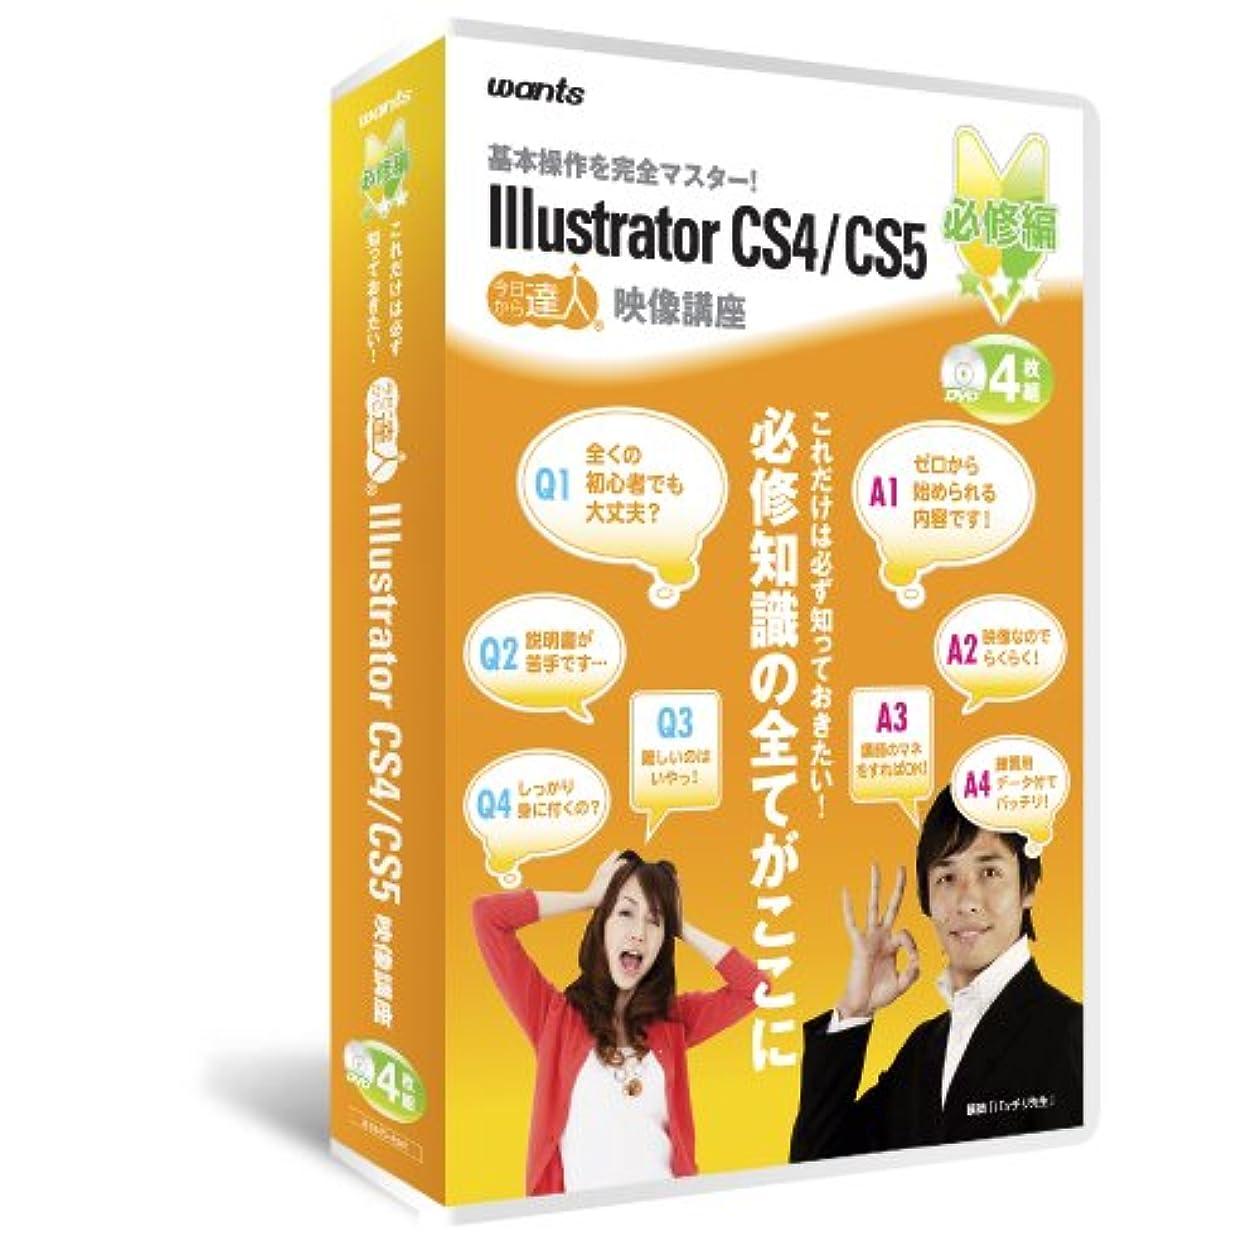 裁判所落胆させるアルバニーIllustrator CS4/CS5対応 必修編 DVD講座4巻組